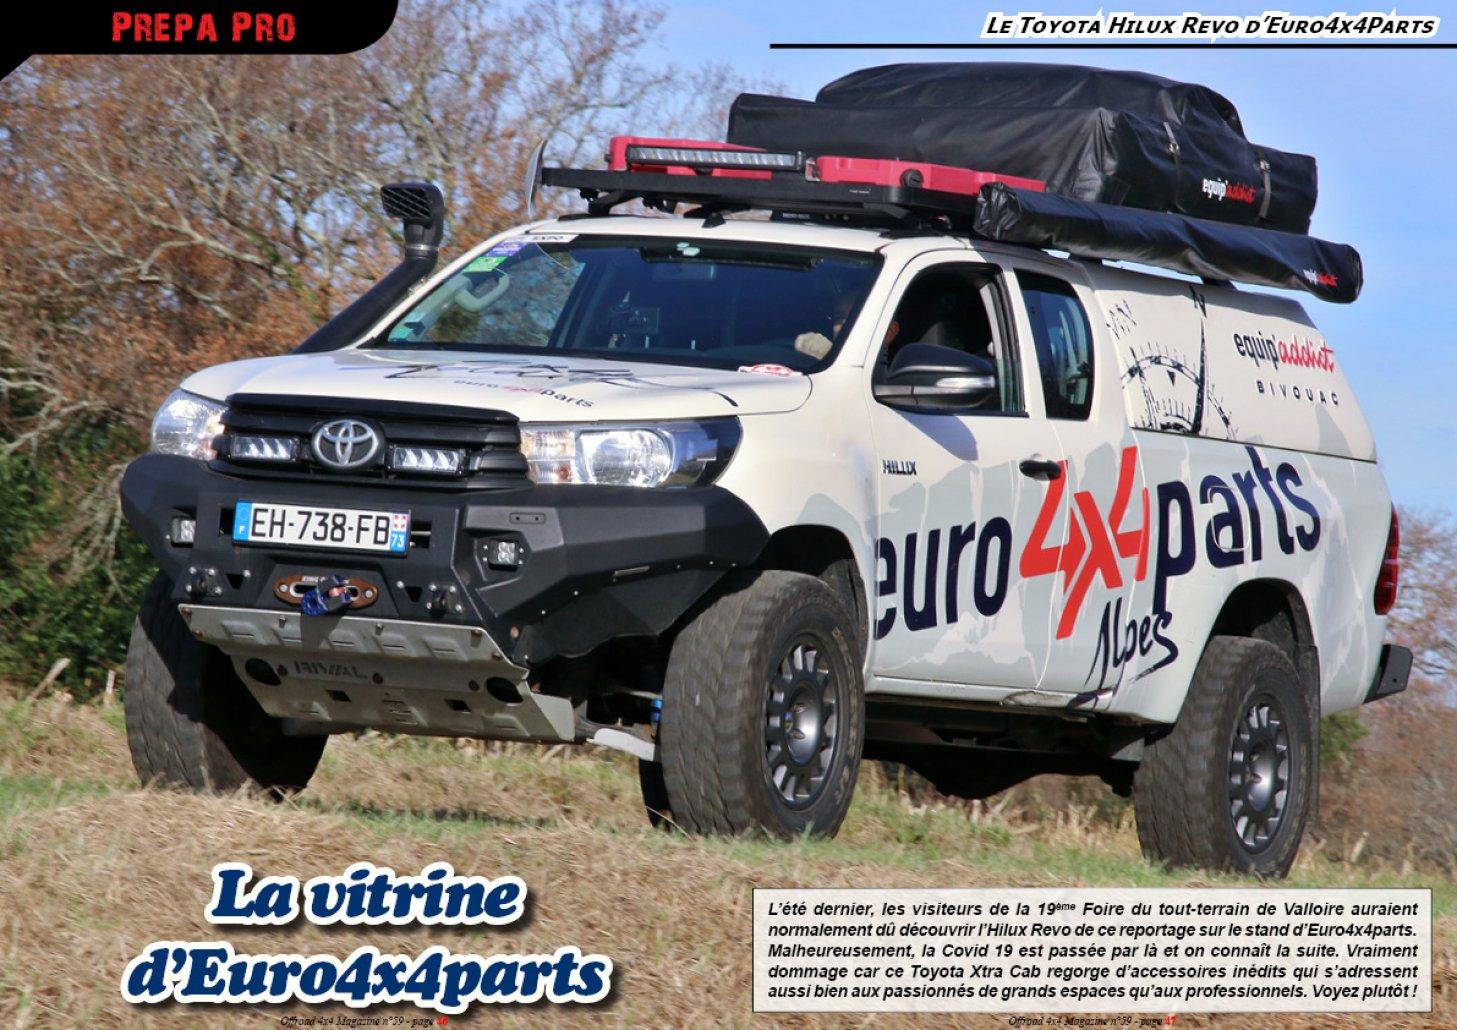 Le Toyota Hilux Revo d'Euro4x4Parts